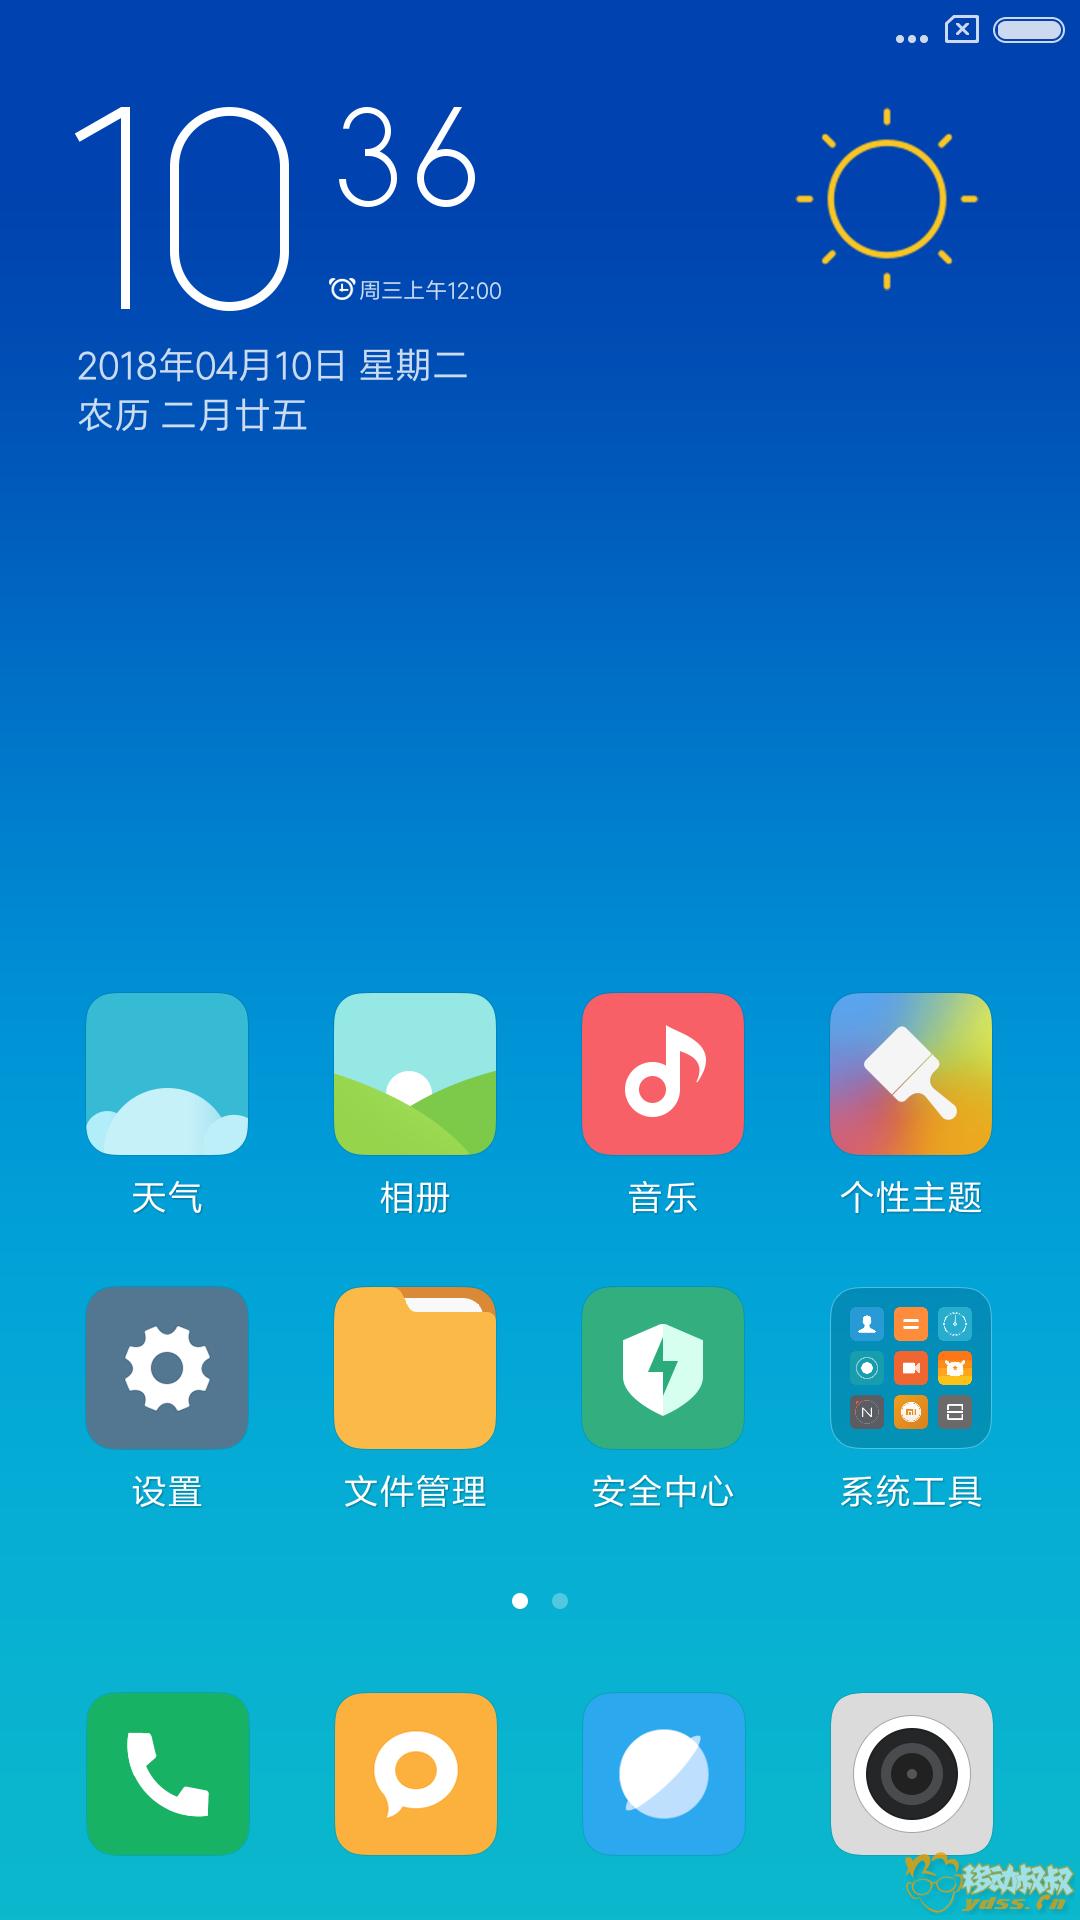 Screenshot_2018-04-10-10-36-26-421_com.miui.home.png